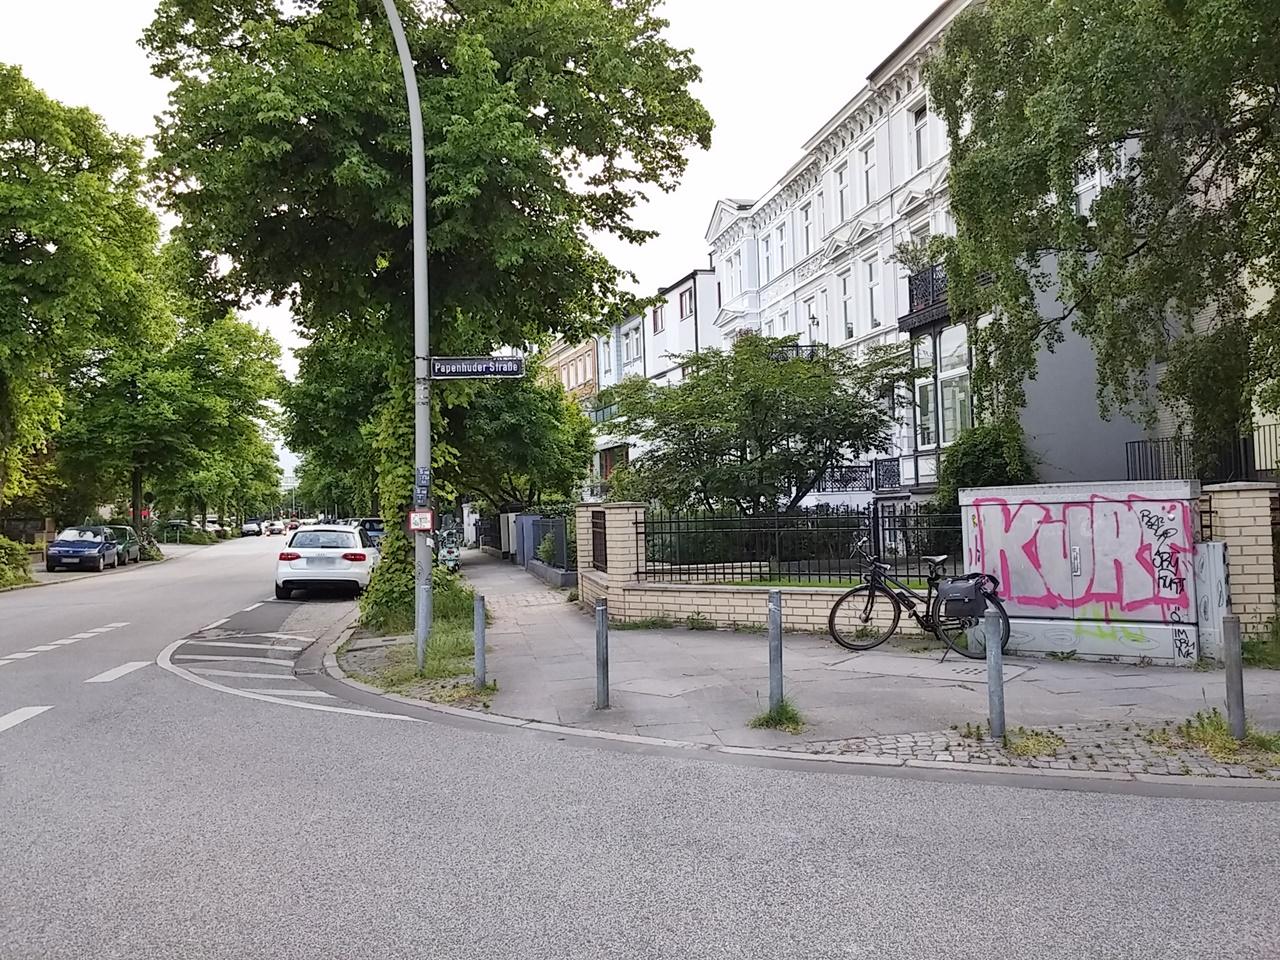 Ecke Graumannsweg / Papenhuder Straße gen St. Georg